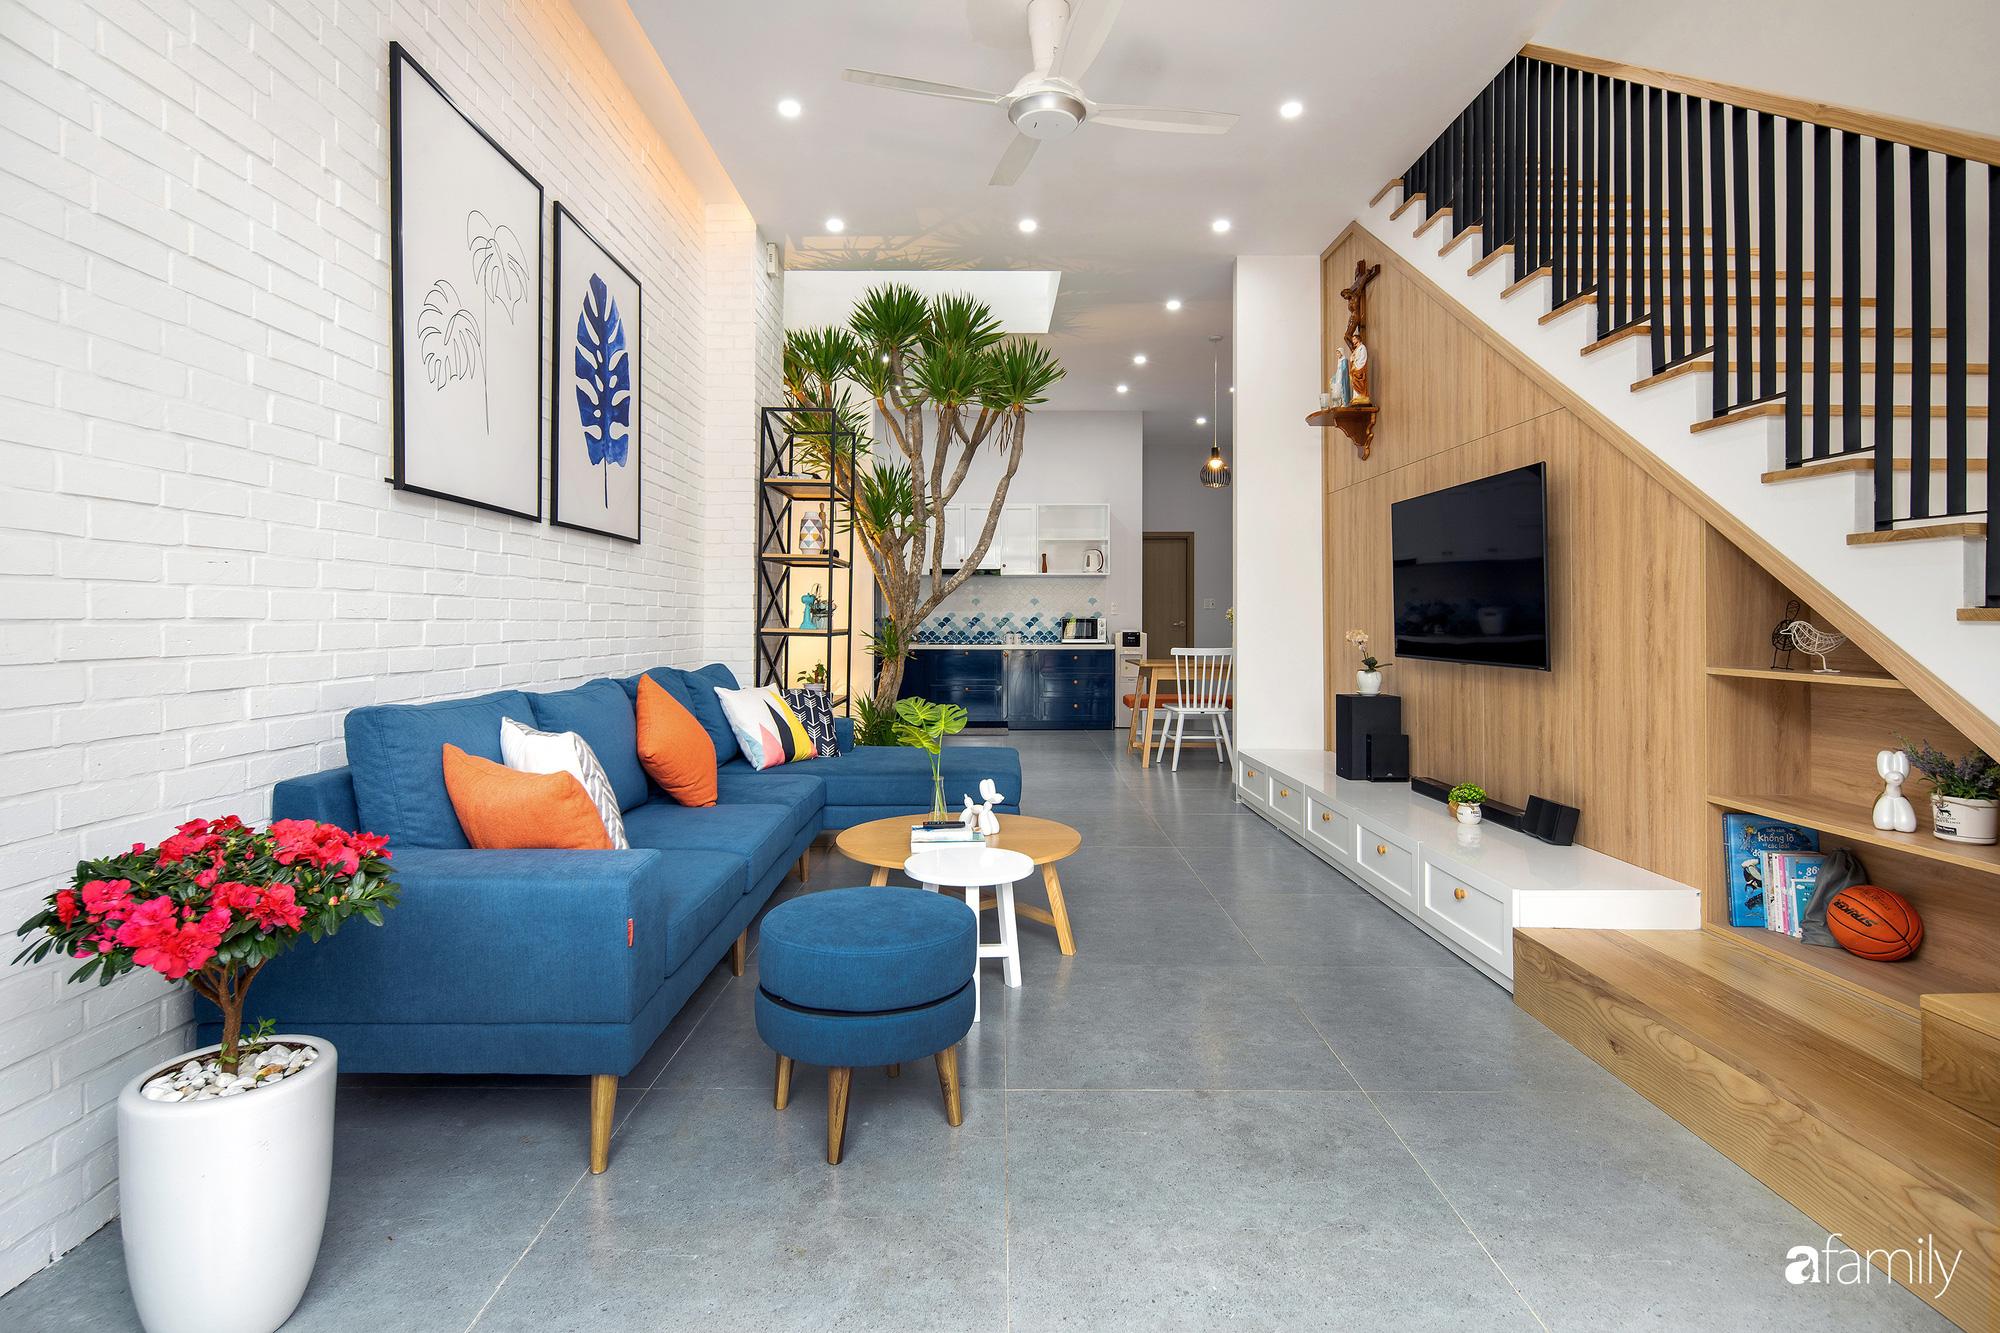 Nhà phố 2 tầng rộng 100m2 được thiết kế ấn tượng với khoảng thông tầng nhiều ánh sáng có chi phí 1,4 tỷ ở Đà Nẵng - Ảnh 3.